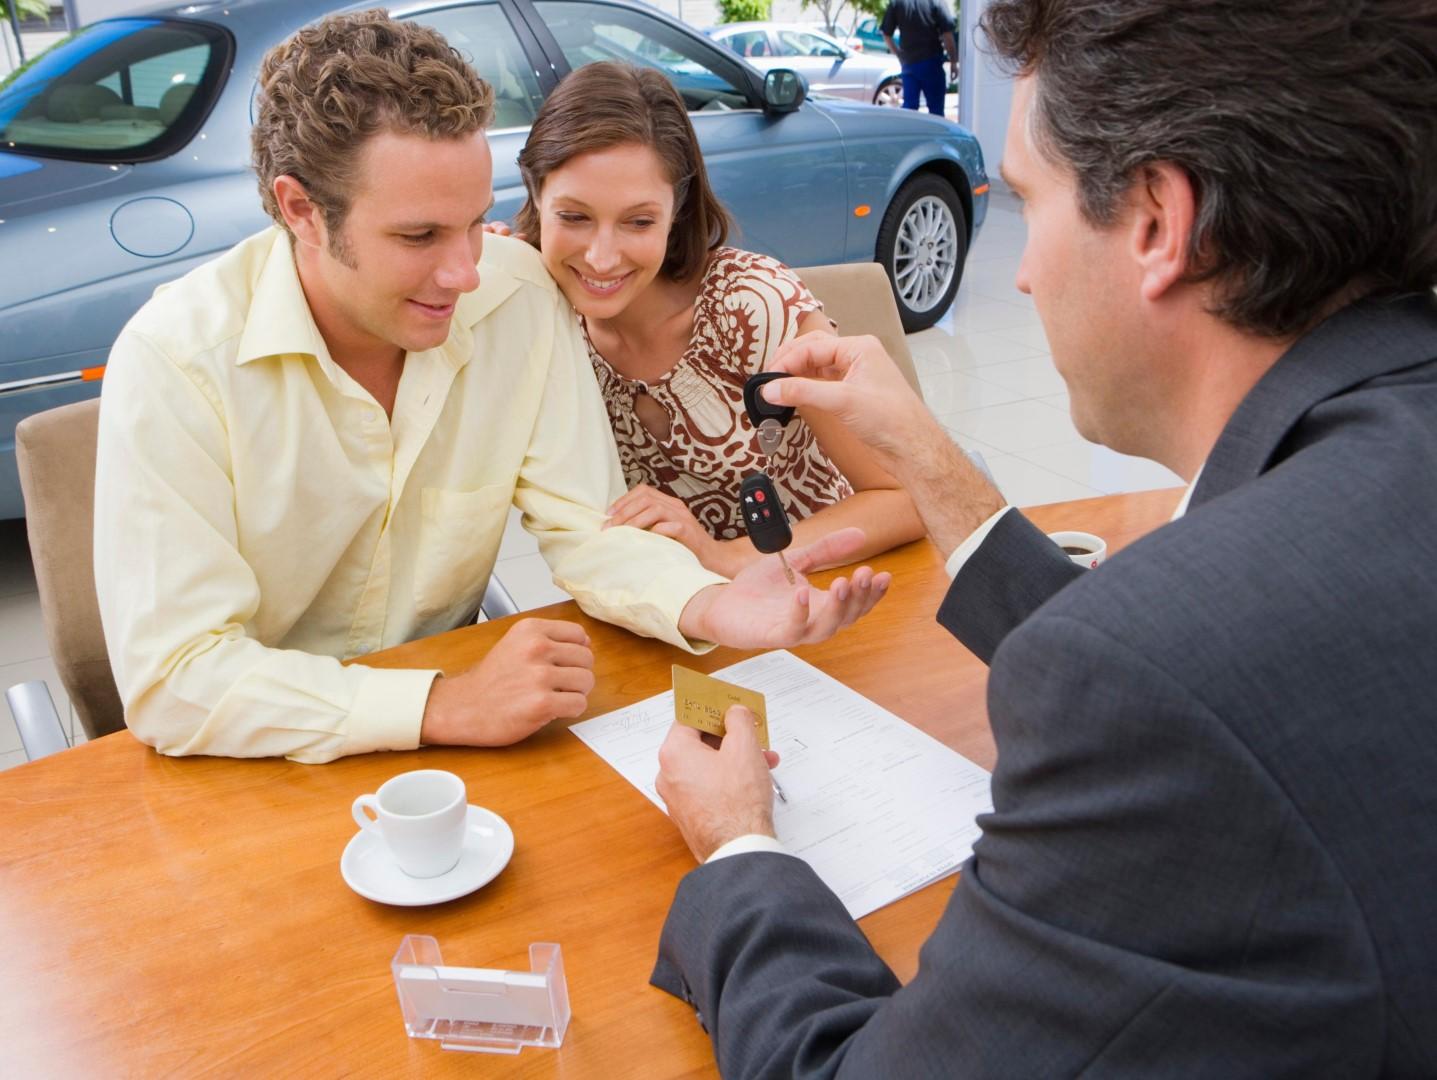 Договор о задатке при покупке автомобиля бланк нюансы составления соглашения и его образец и зачем этот платеж каковы его плюсы и минусы когда можно вернуть